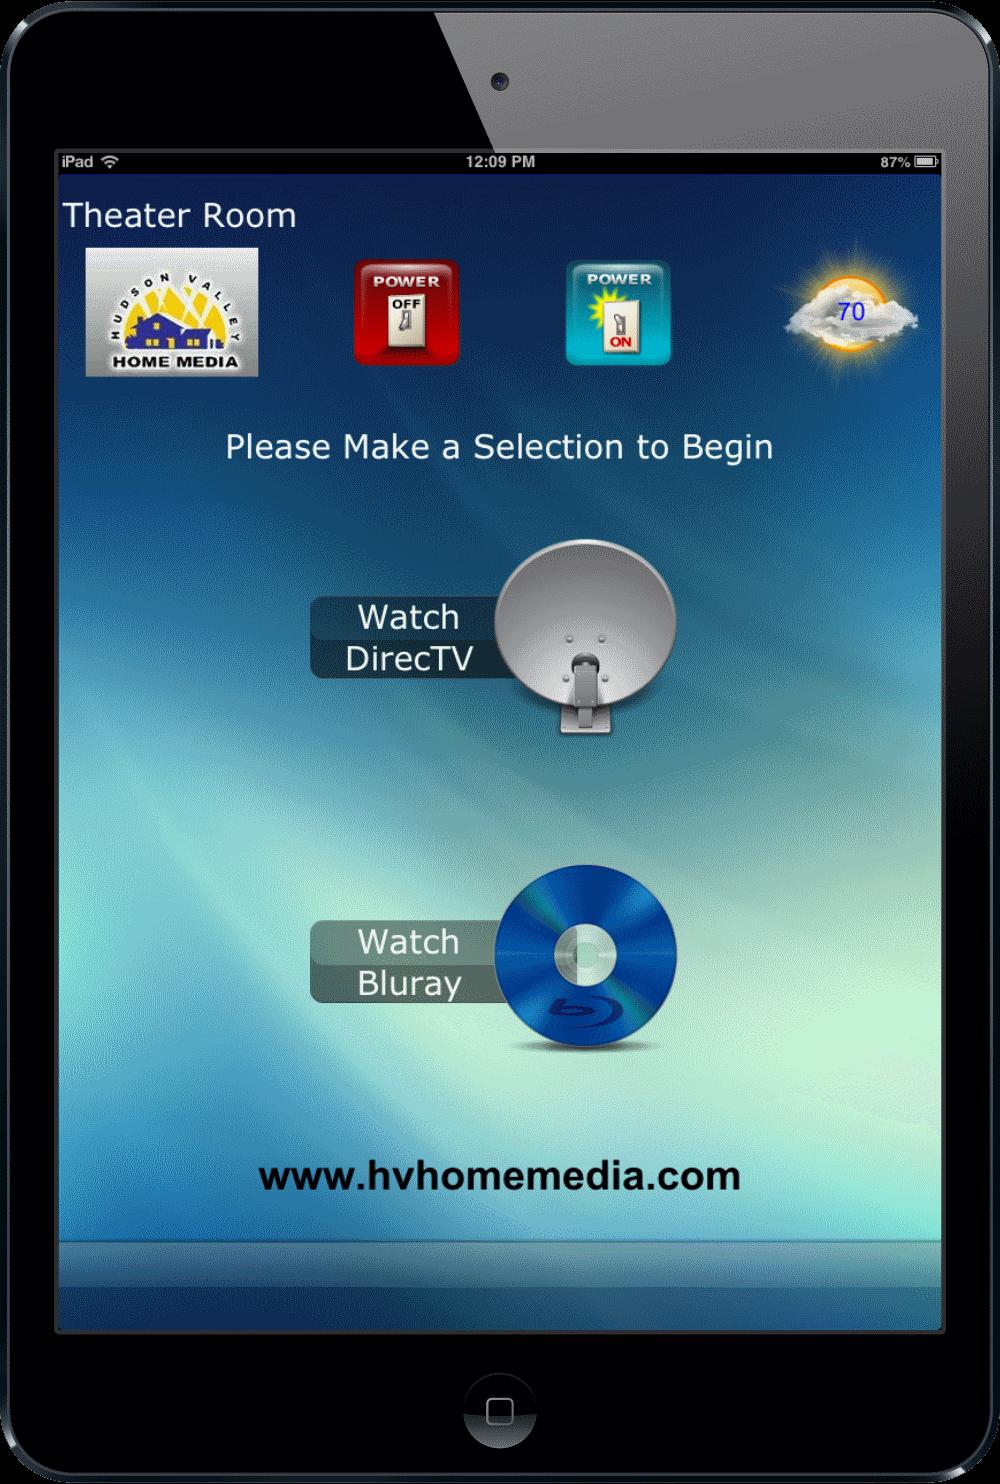 Universal Ipad Remote - Nyack, NY - HV Home Media - Hudson Valley Home Media